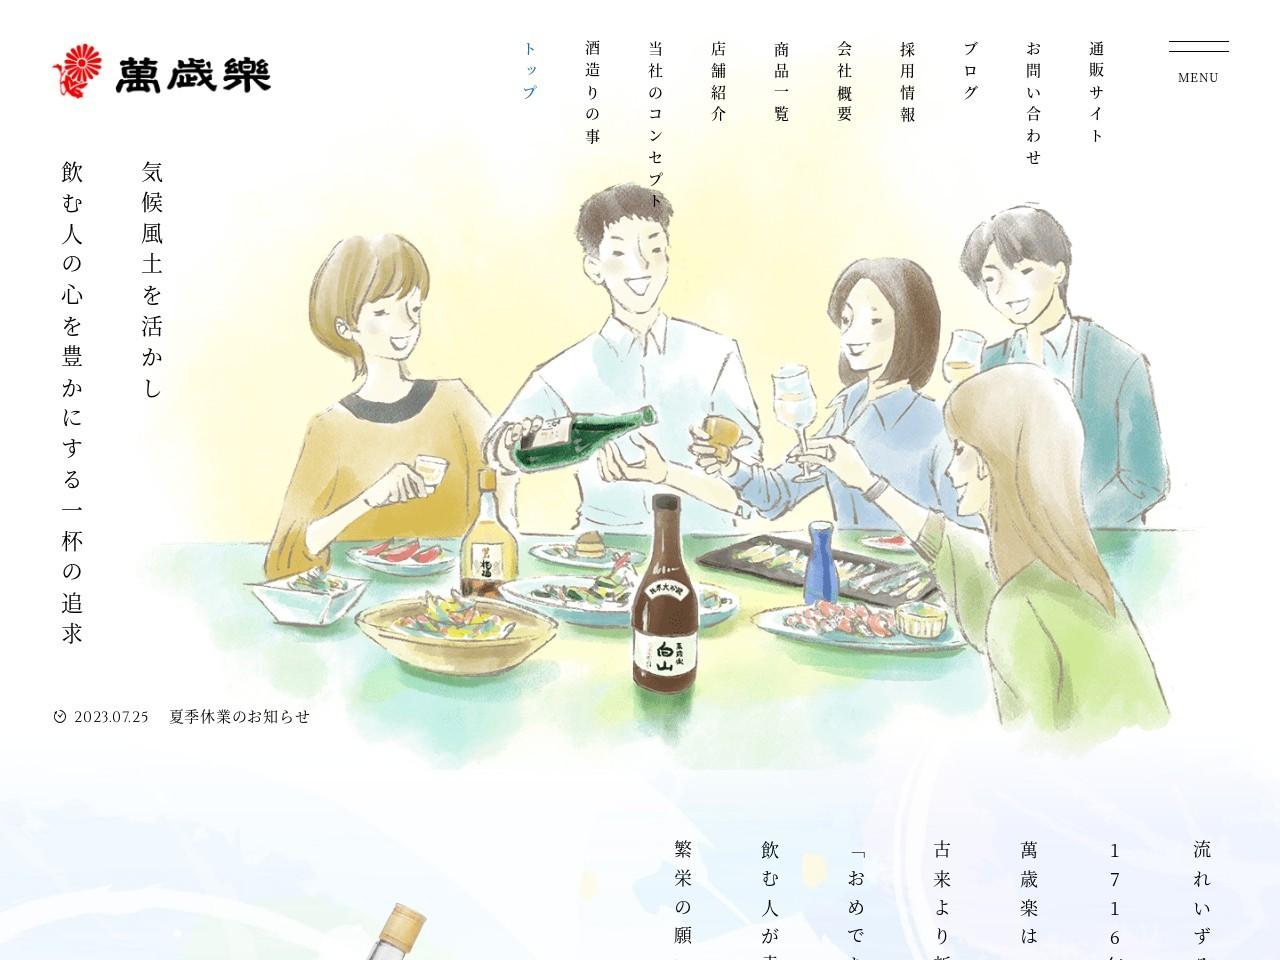 「萬歳楽」(小堀酒造店)|霊峰白山の恵みを「美しい酒、美味しい&#37202 - トップページ